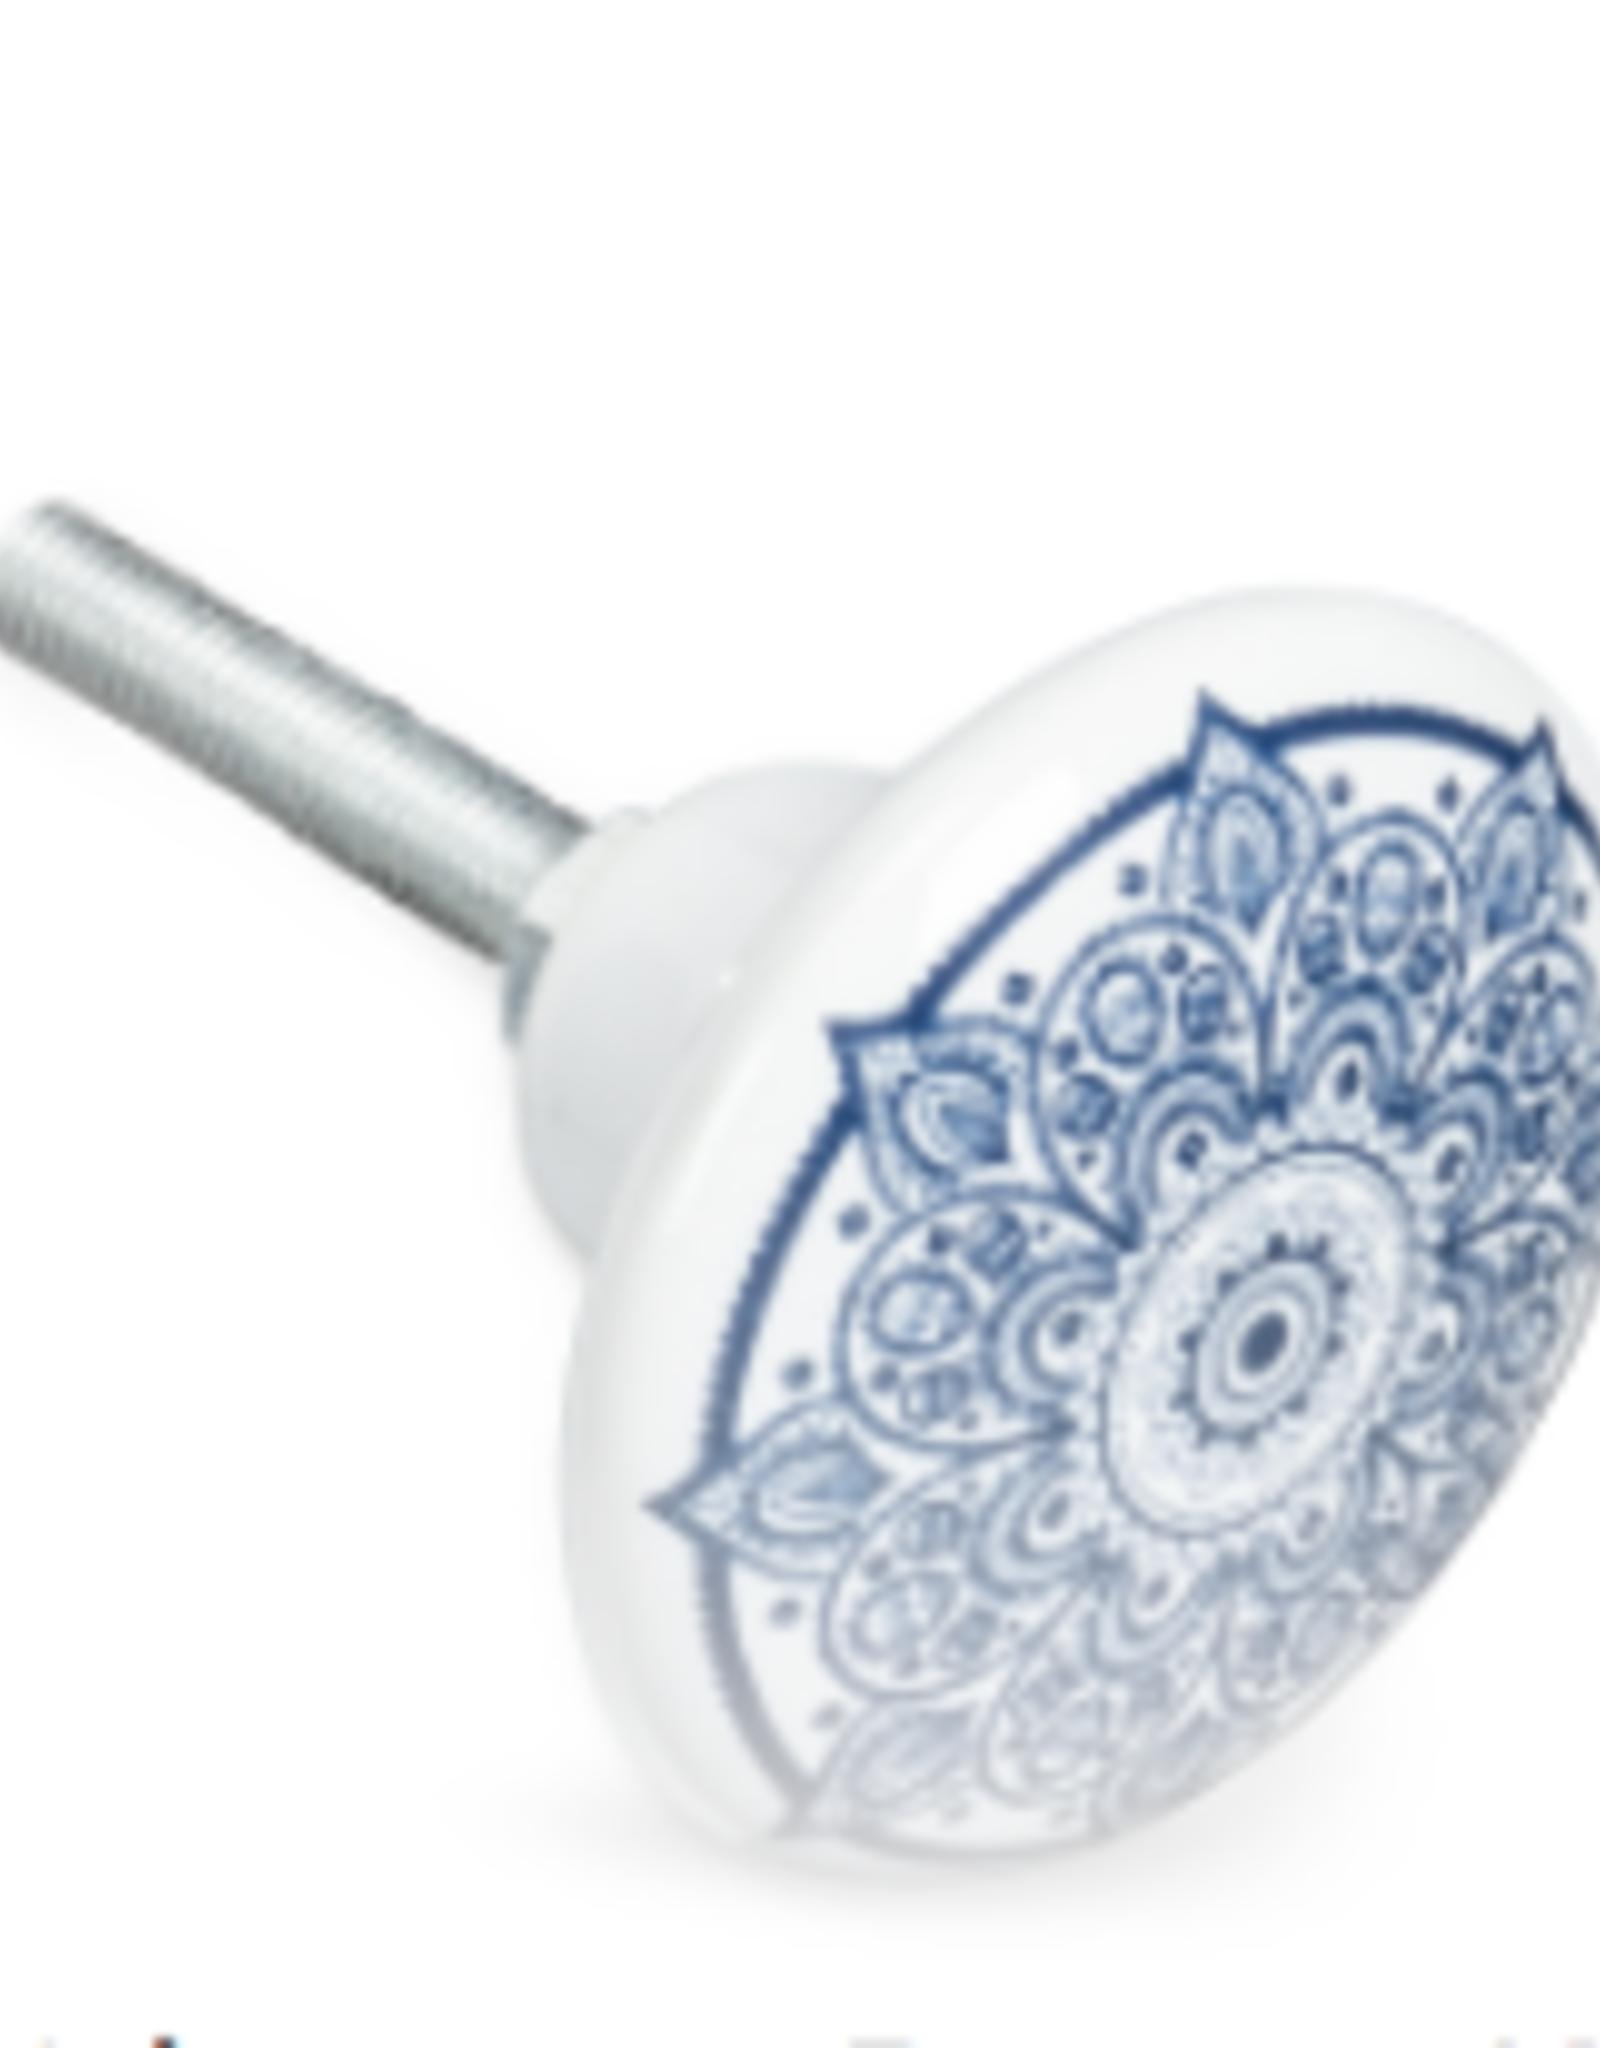 Kaleidoscope Blue & White Knob